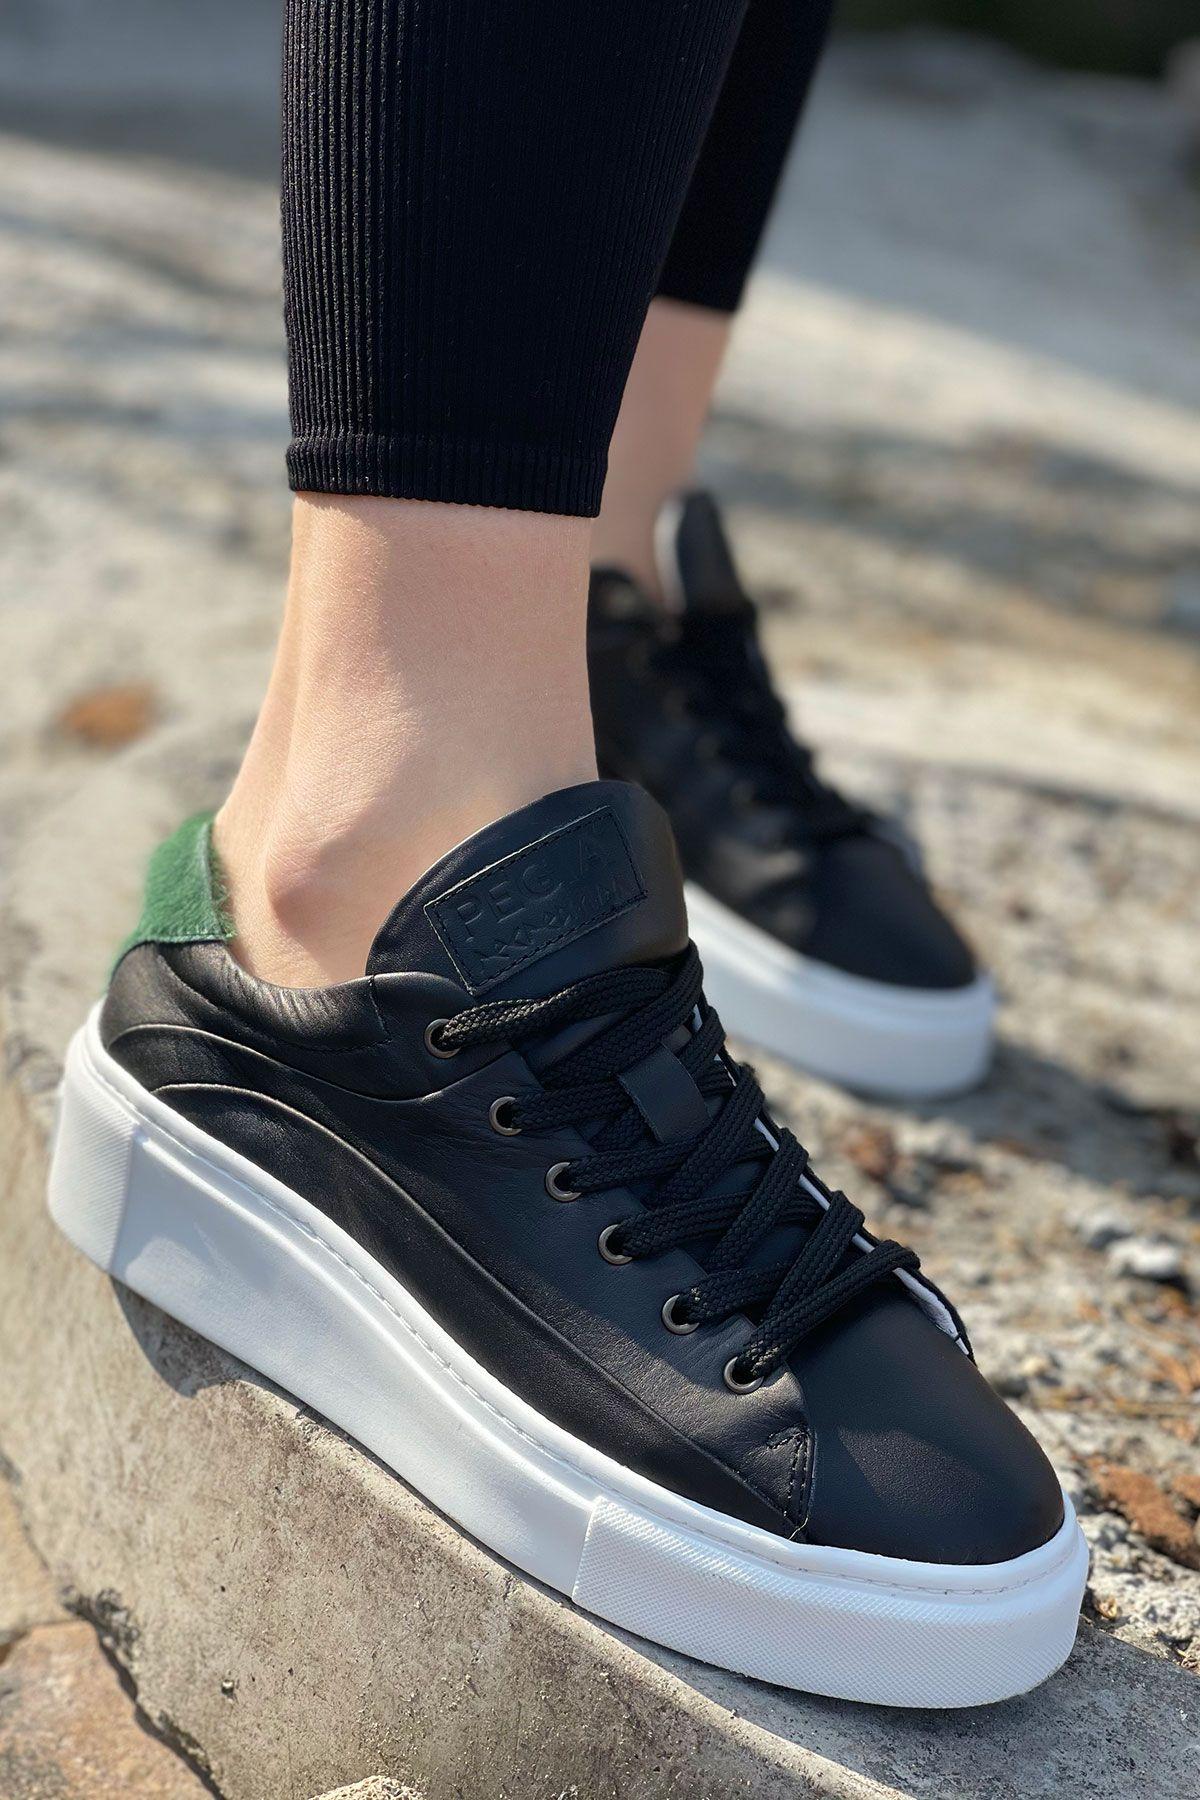 Pegia Genuine Leather Women's Sneaker LA1606 Black